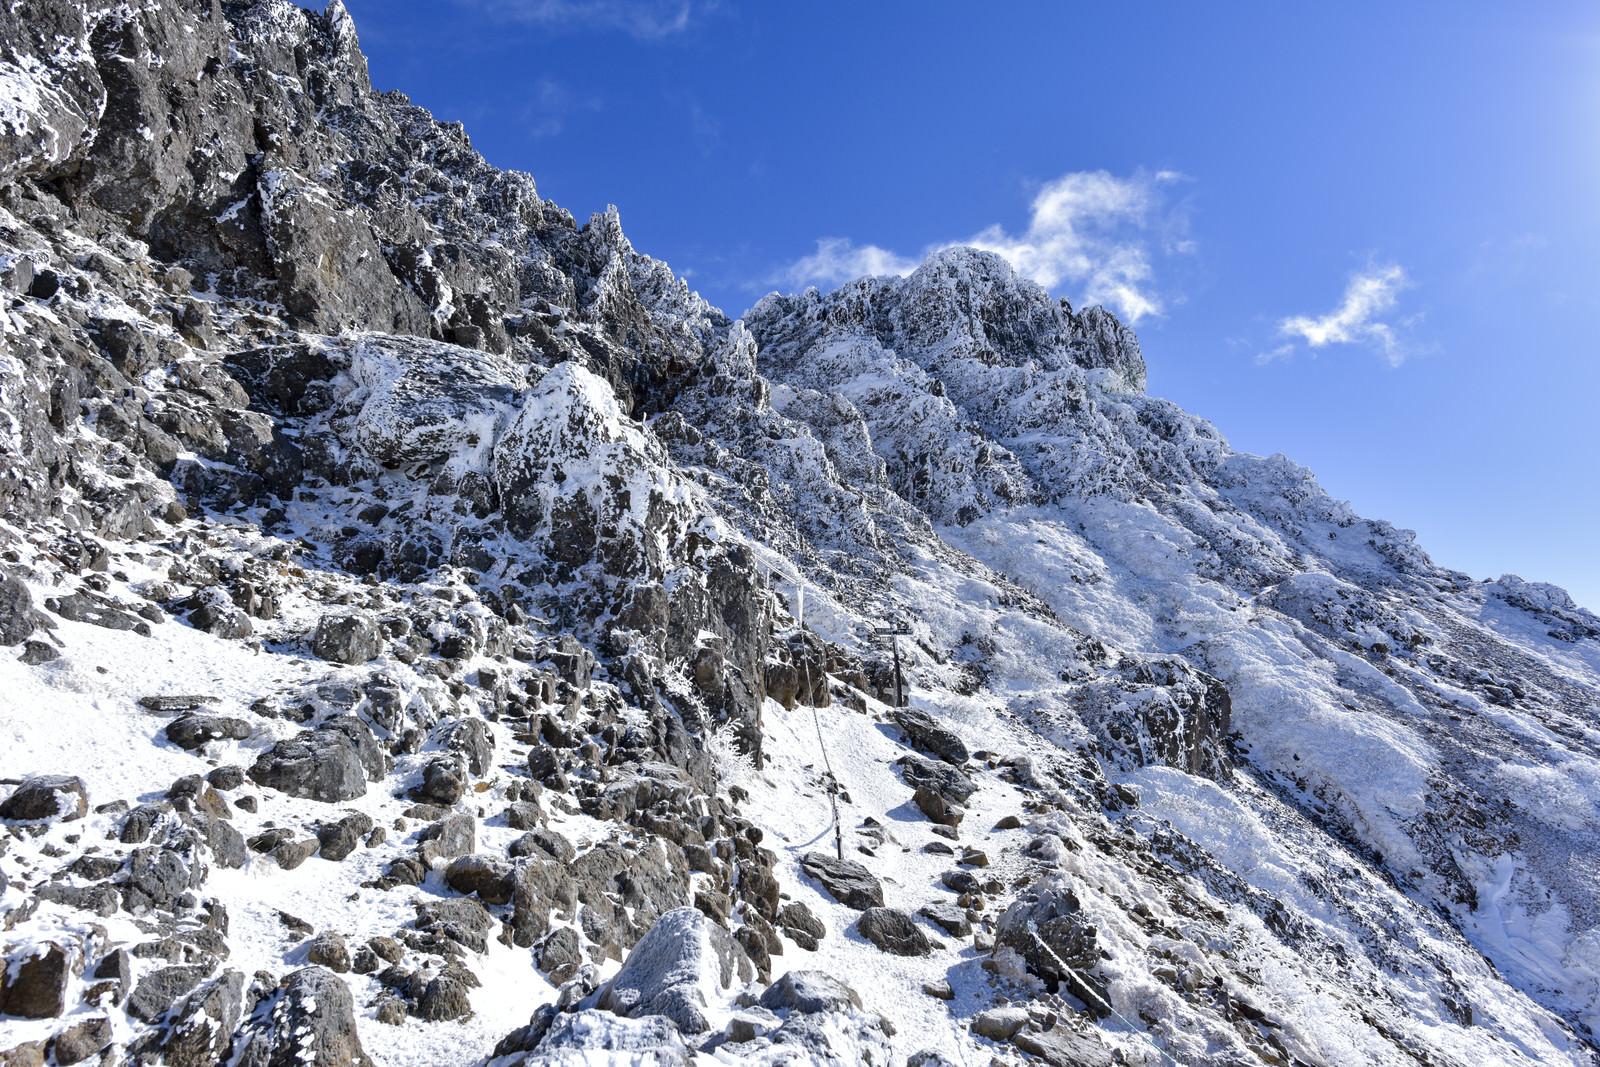 「凍てつく氷に包まれた文三郎尾根の登山道」の写真